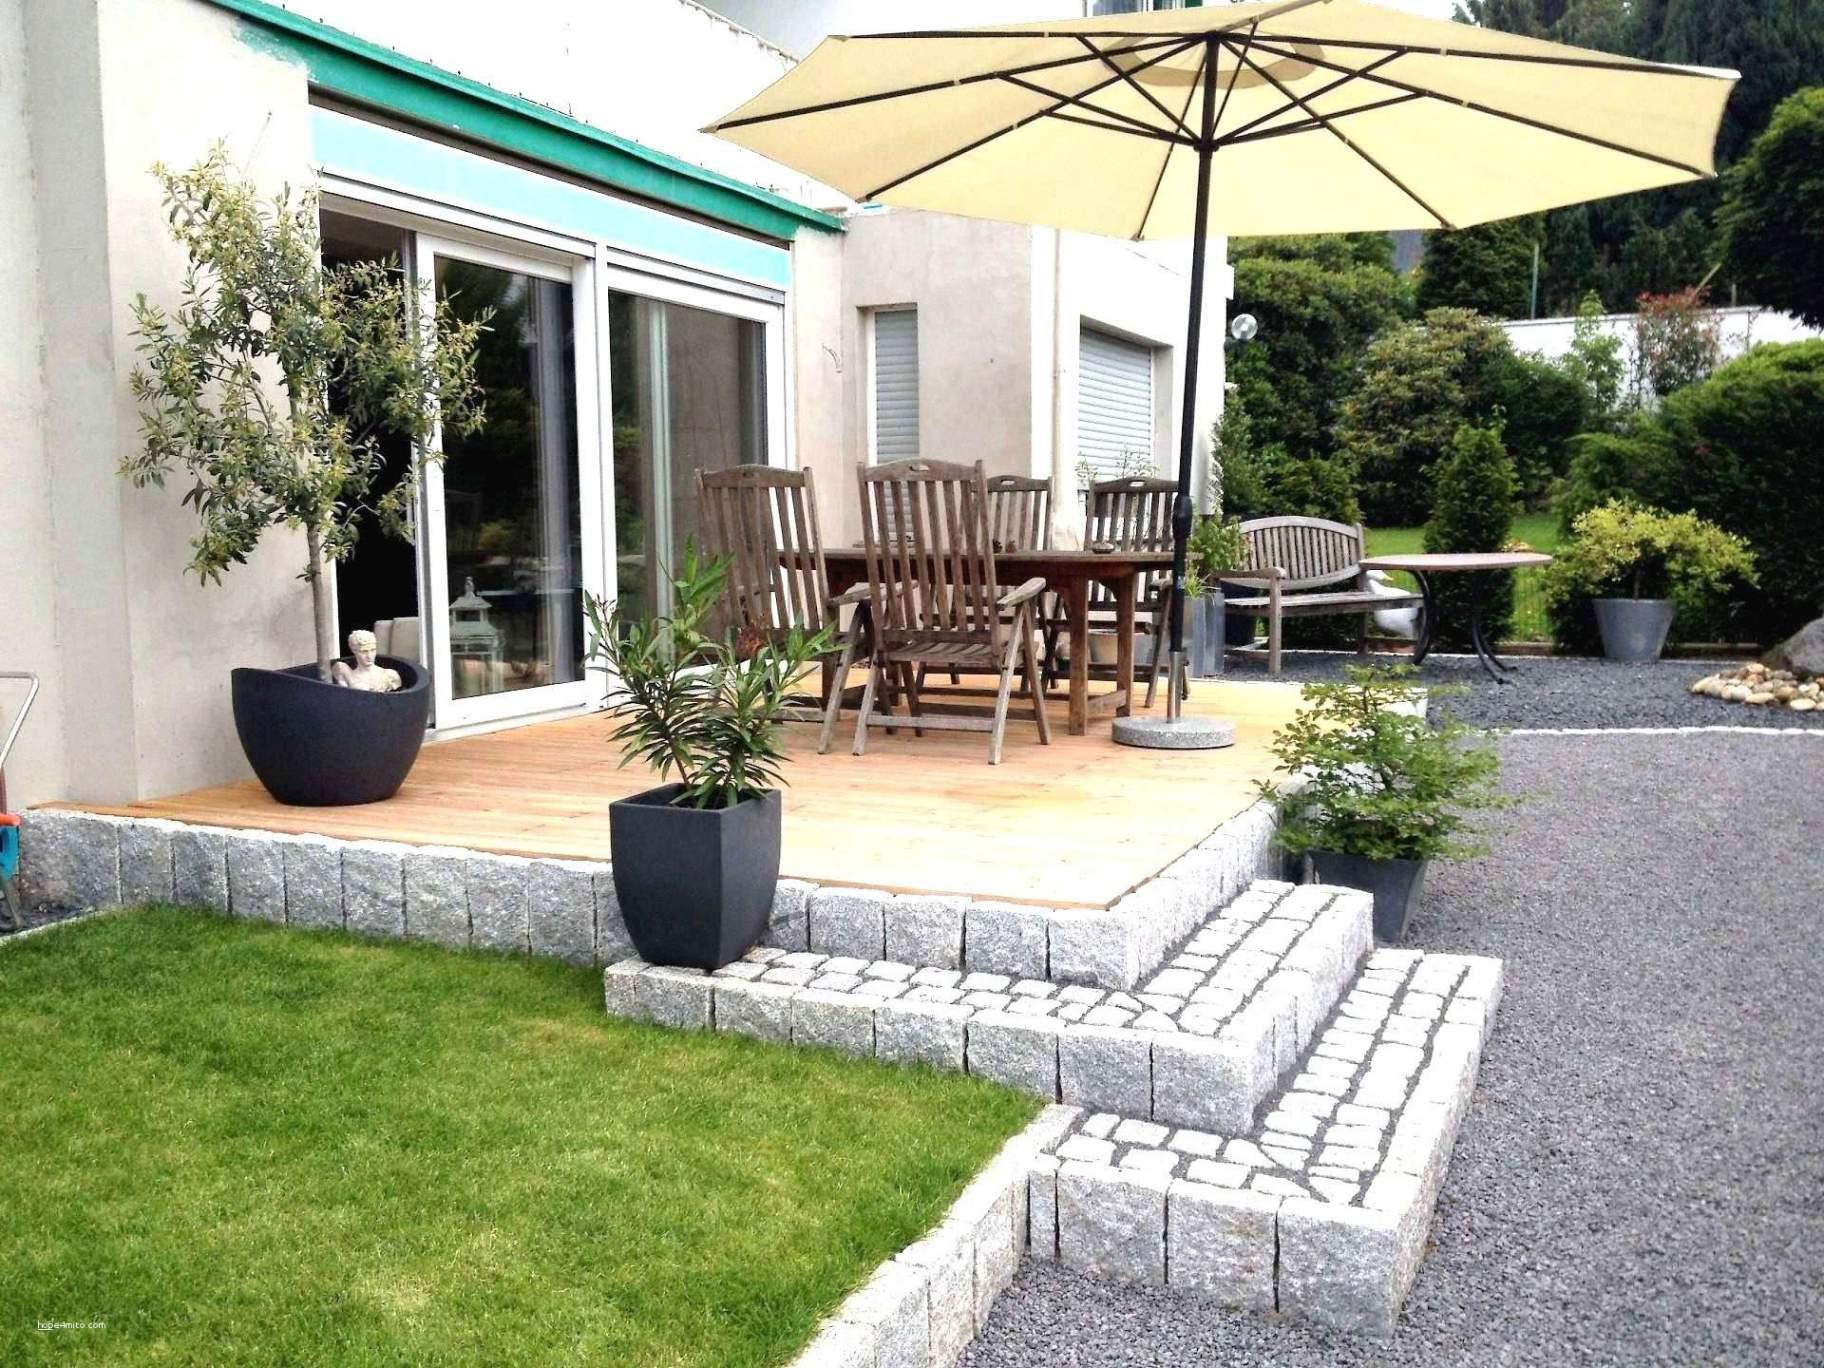 garten terrassen ideen neu moderne terrassen ideen temobardz home blog of garten terrassen ideen